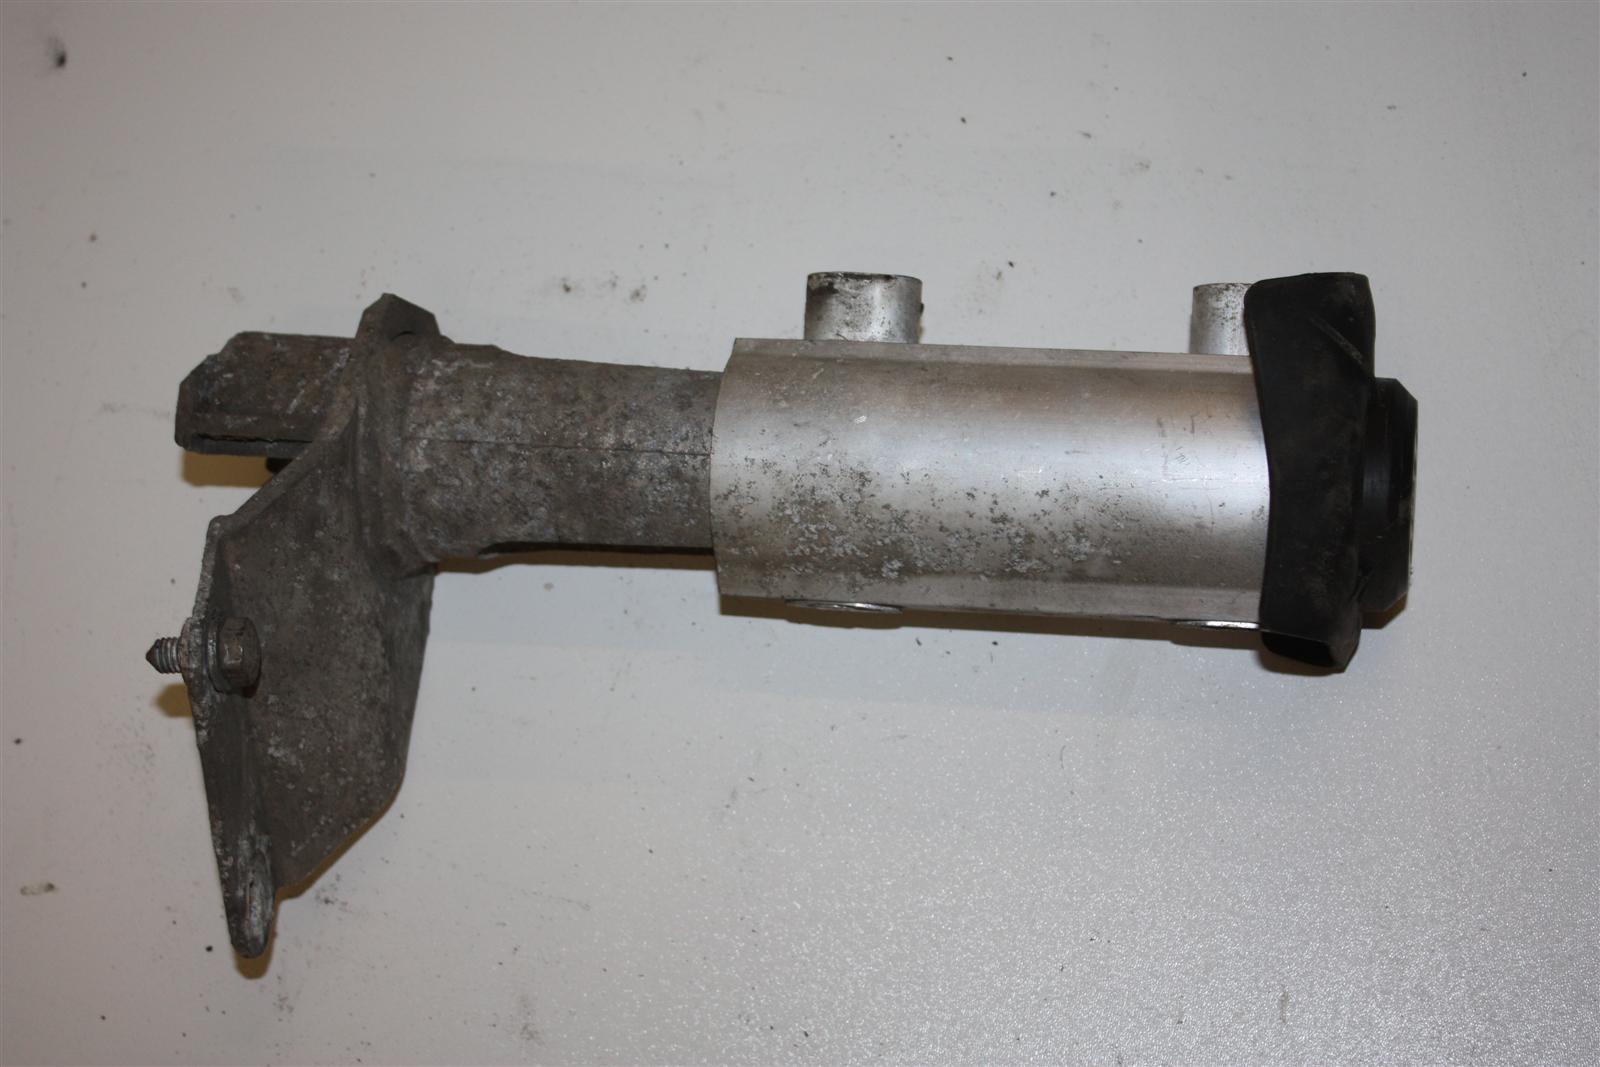 Audi 80 B4 Pralldämpfer Stoßstange Hinten Rechts 8A0807332E